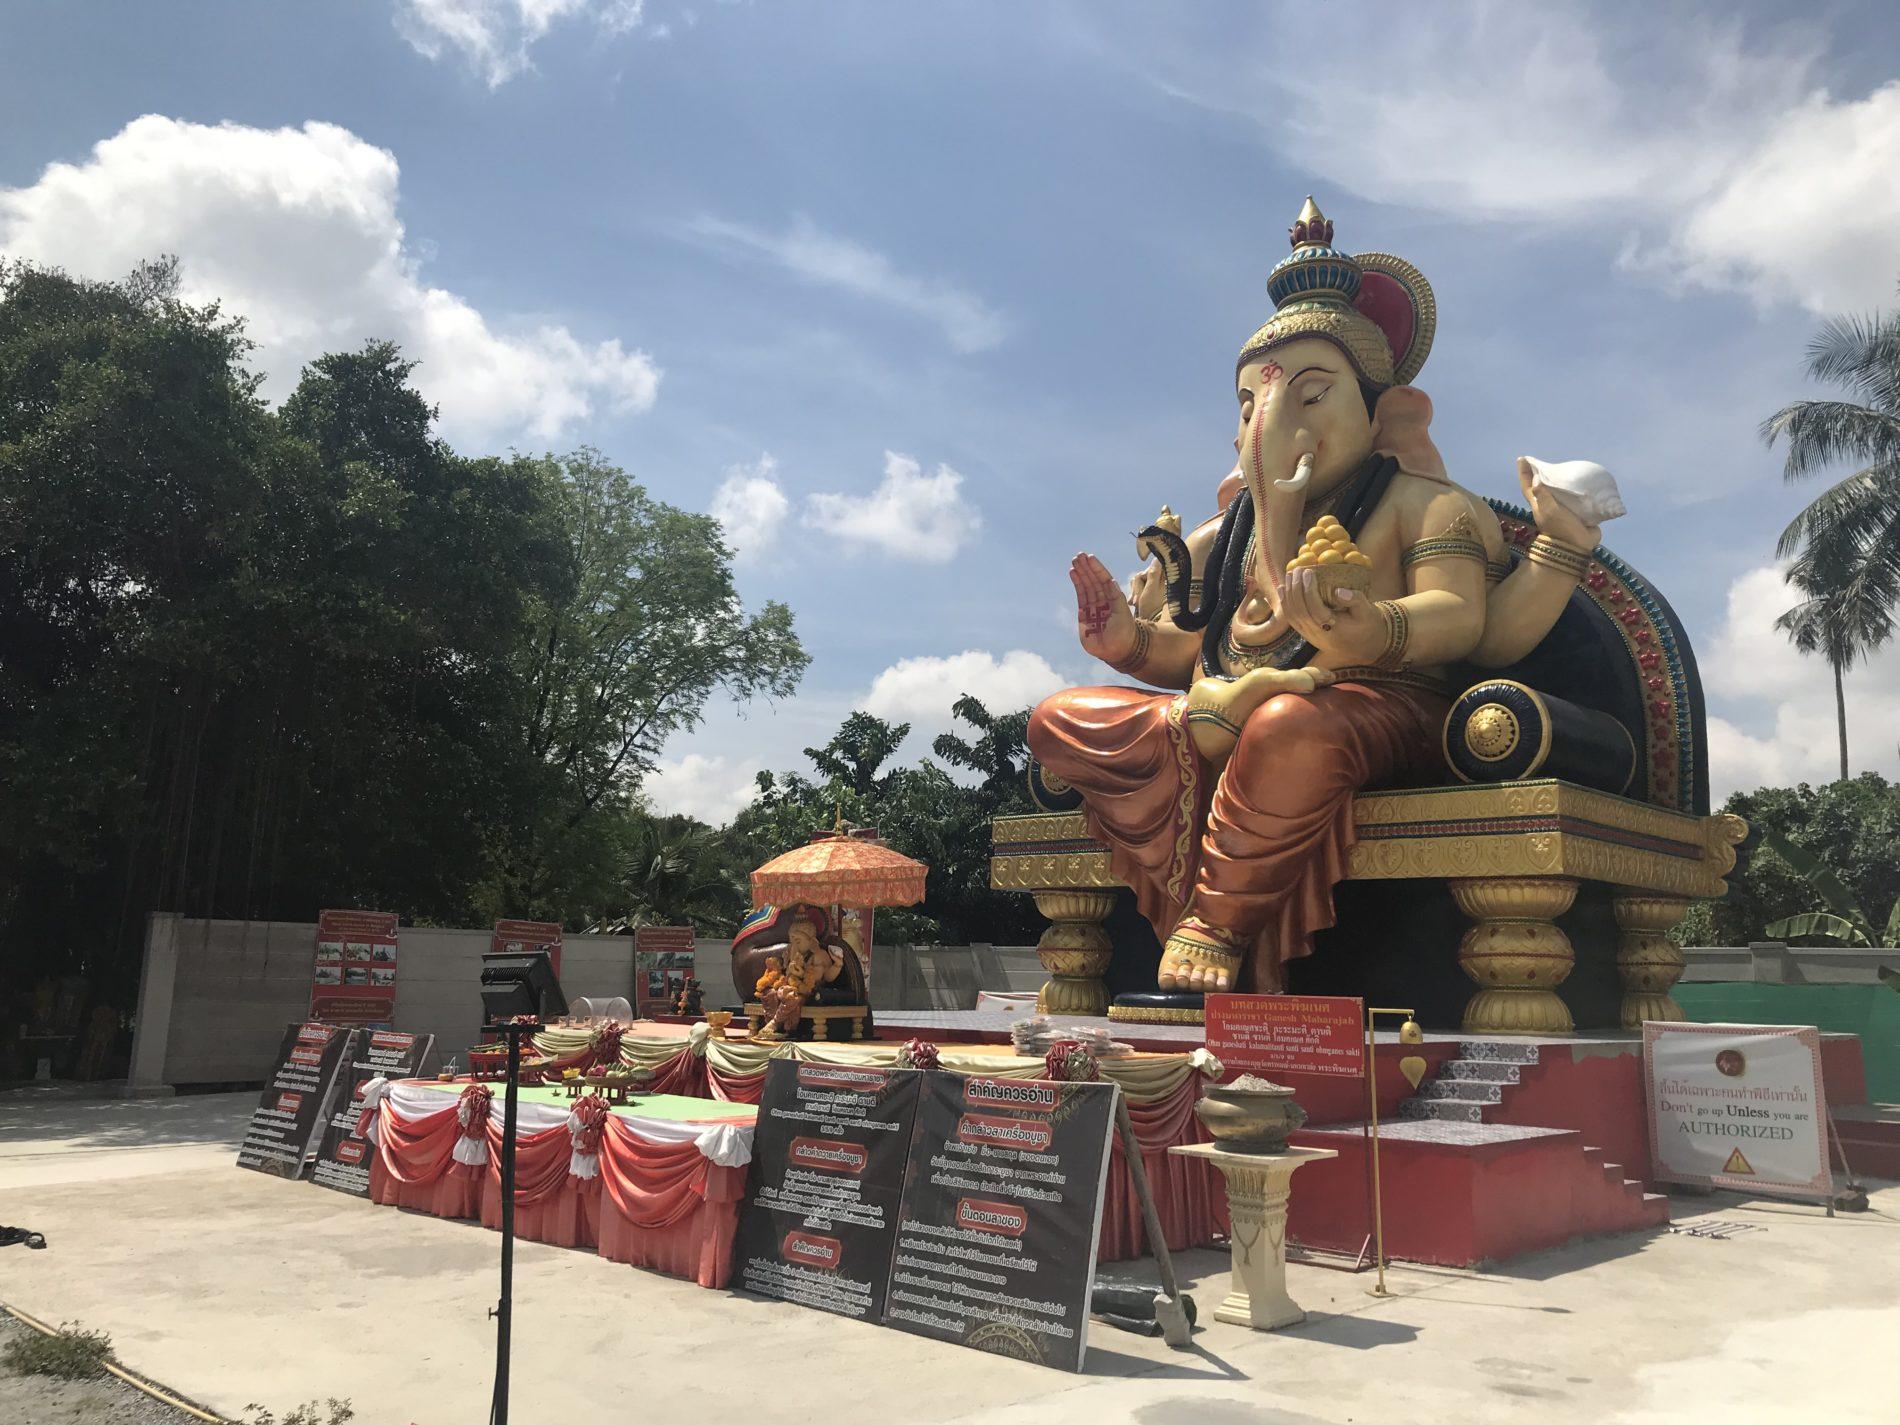 バーンカチャオ MahaDewalai Hindu寺院